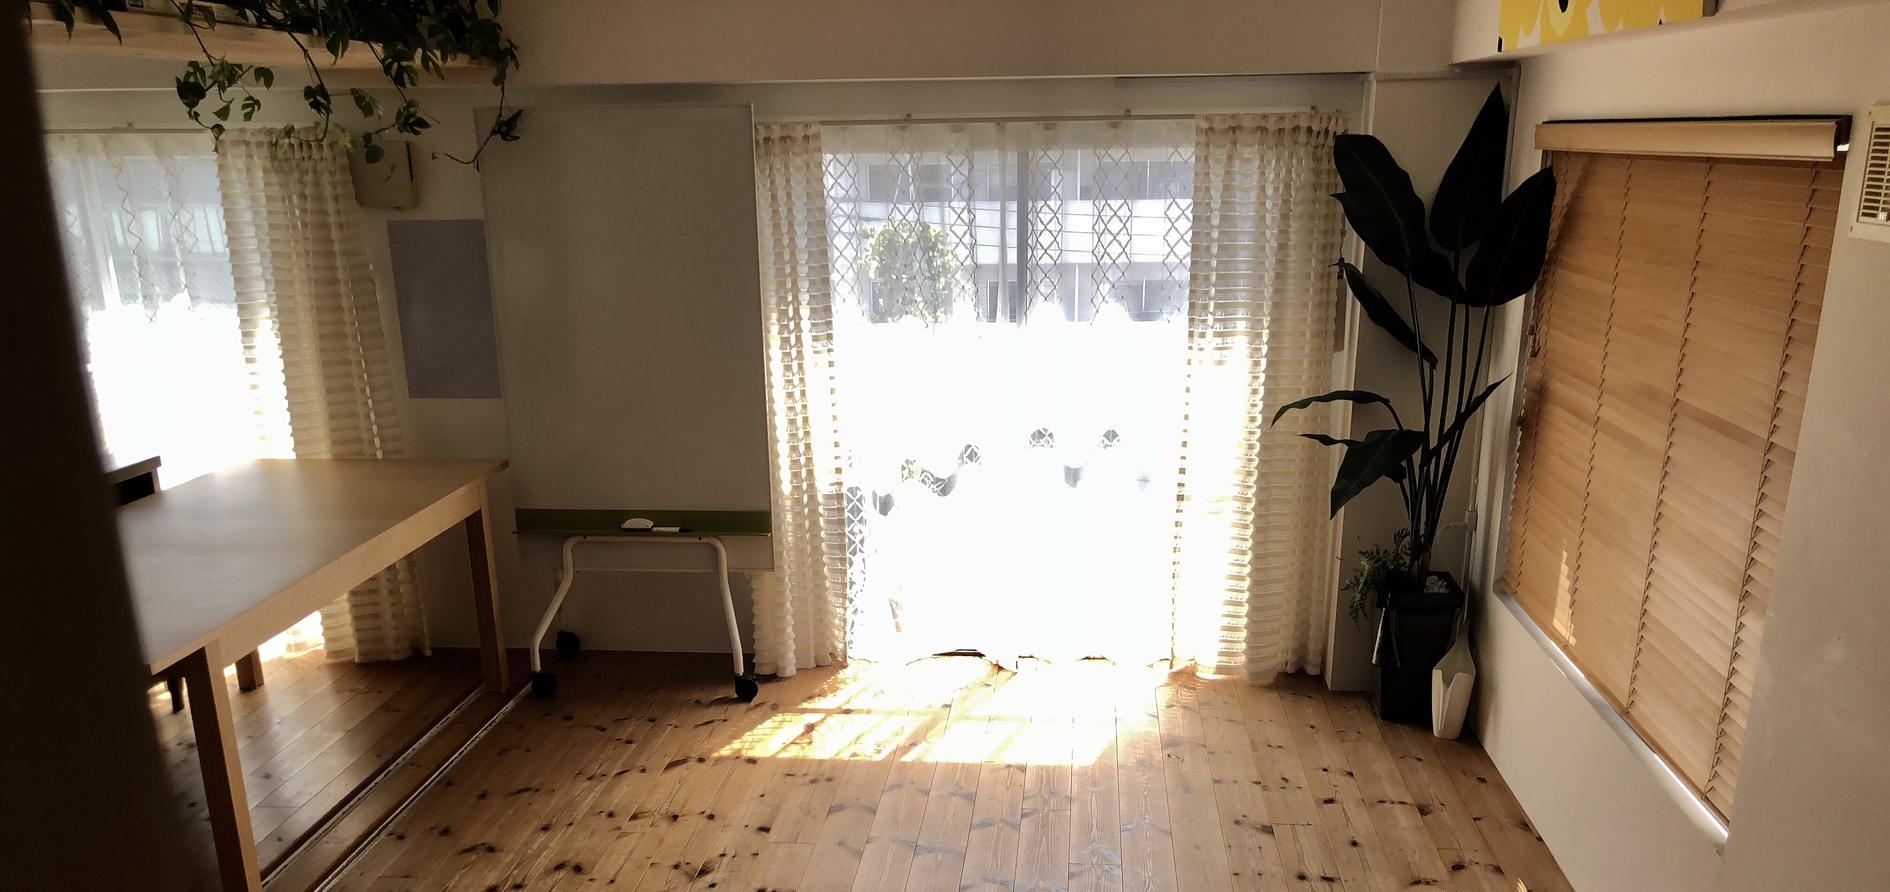 【シャワー完備】五反田・大崎駅から徒歩5分。無垢材フローリングの落ち着いた隠れ家ヨガスタジオです。(fun labo five) の写真0